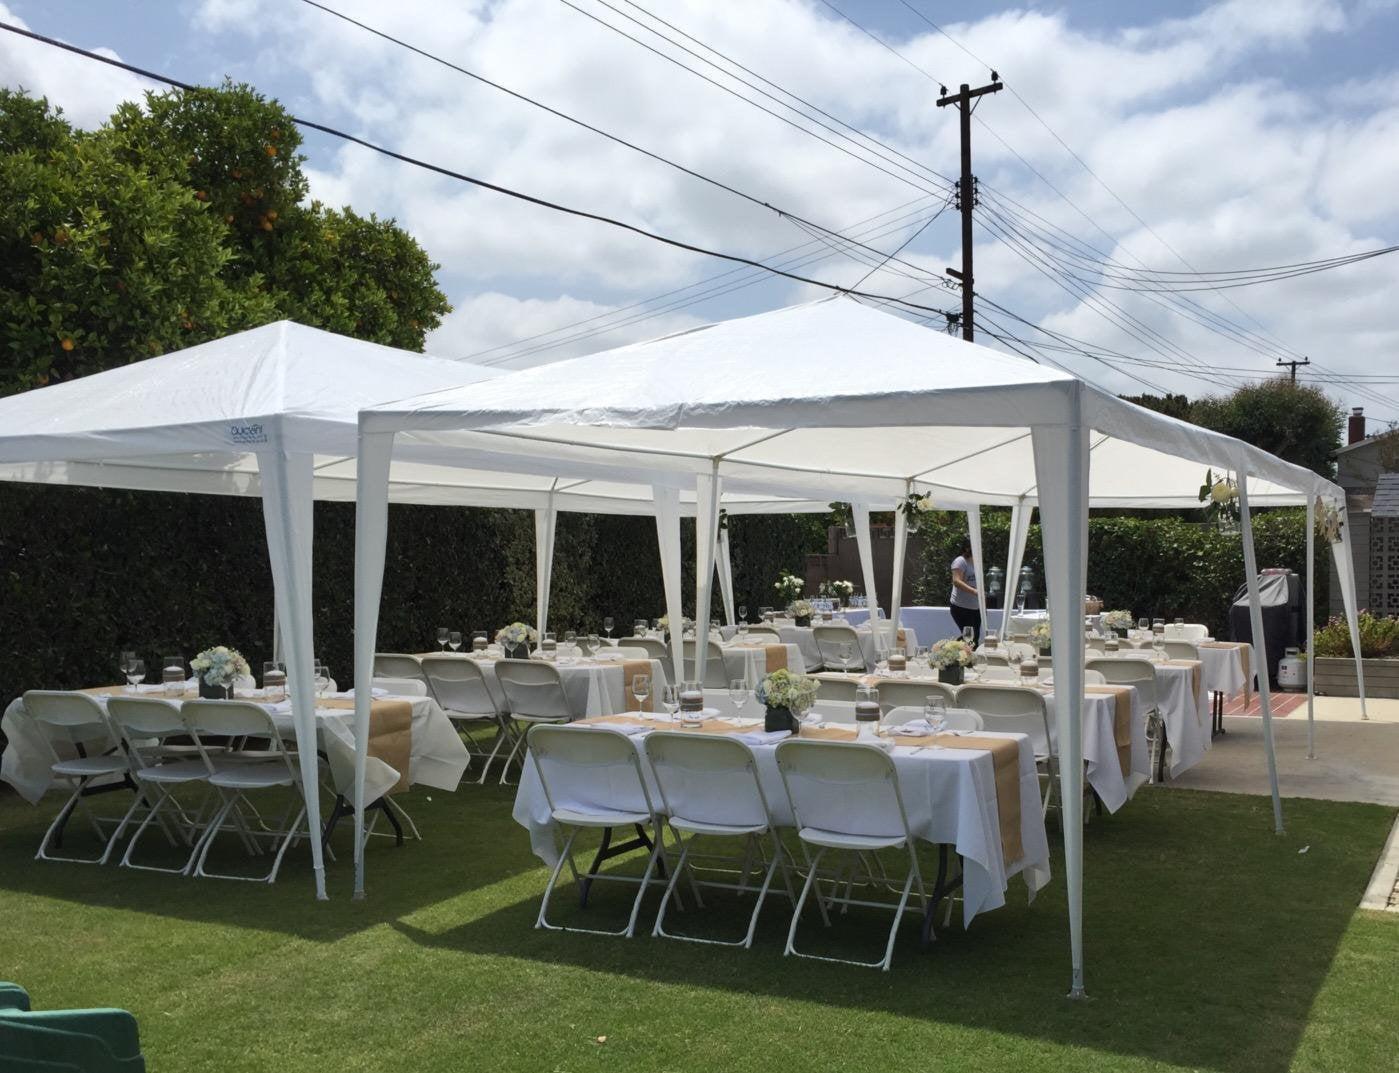 Ktaxon 10u0027x30u0027 Party Wedding Outdoor Patio Tent Canopy Heavy Duty Gazebo  Pavilion Event With 5 Wall   Walmart.com